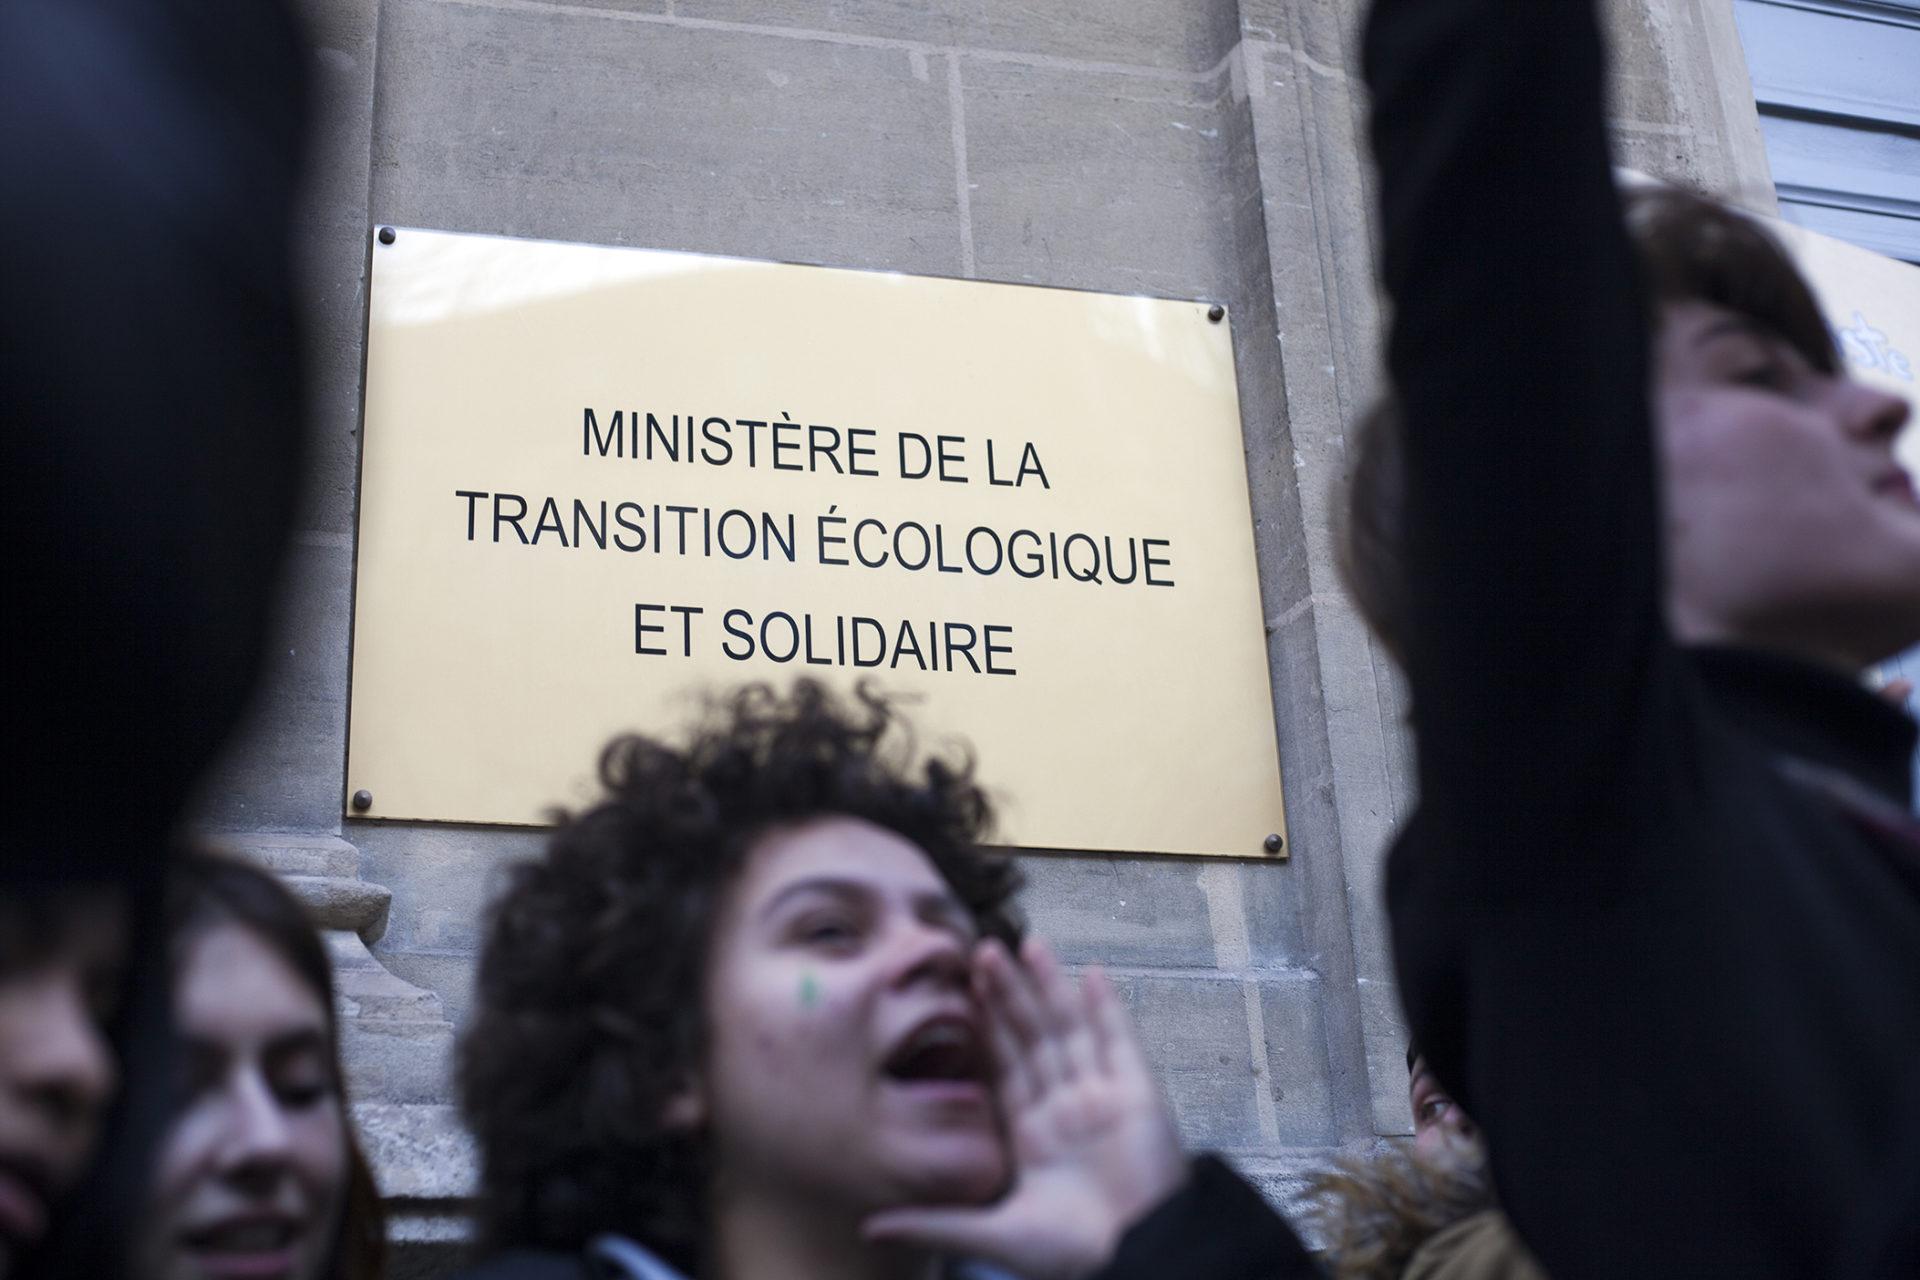 15 février 2019 à Paris, première grève du climat des lycéens et étudiants